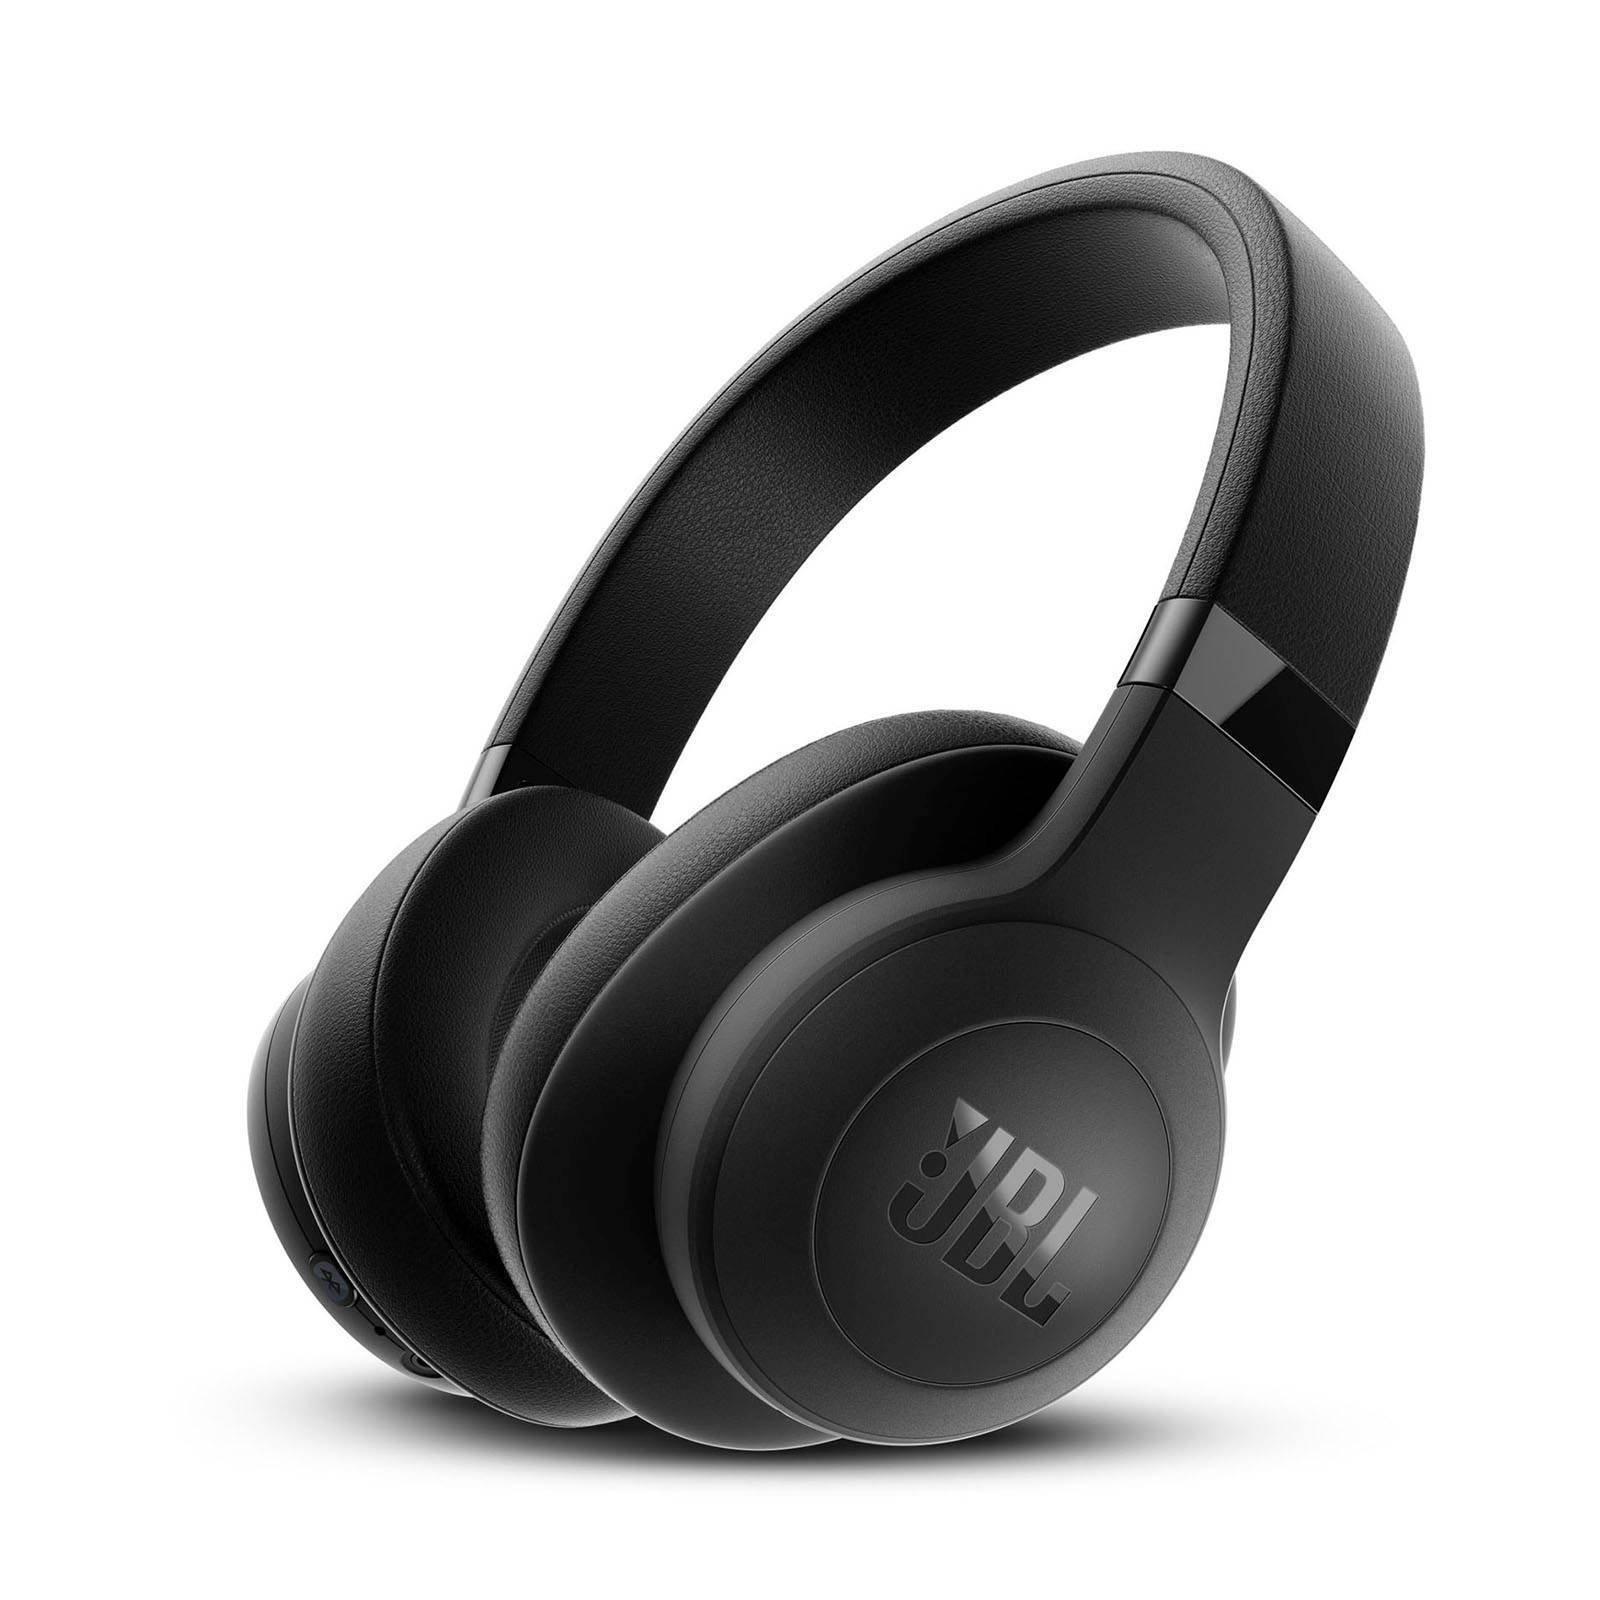 Draadloze Koptelefoons Bij Wehkamp Gratis Bezorging Vanaf 20